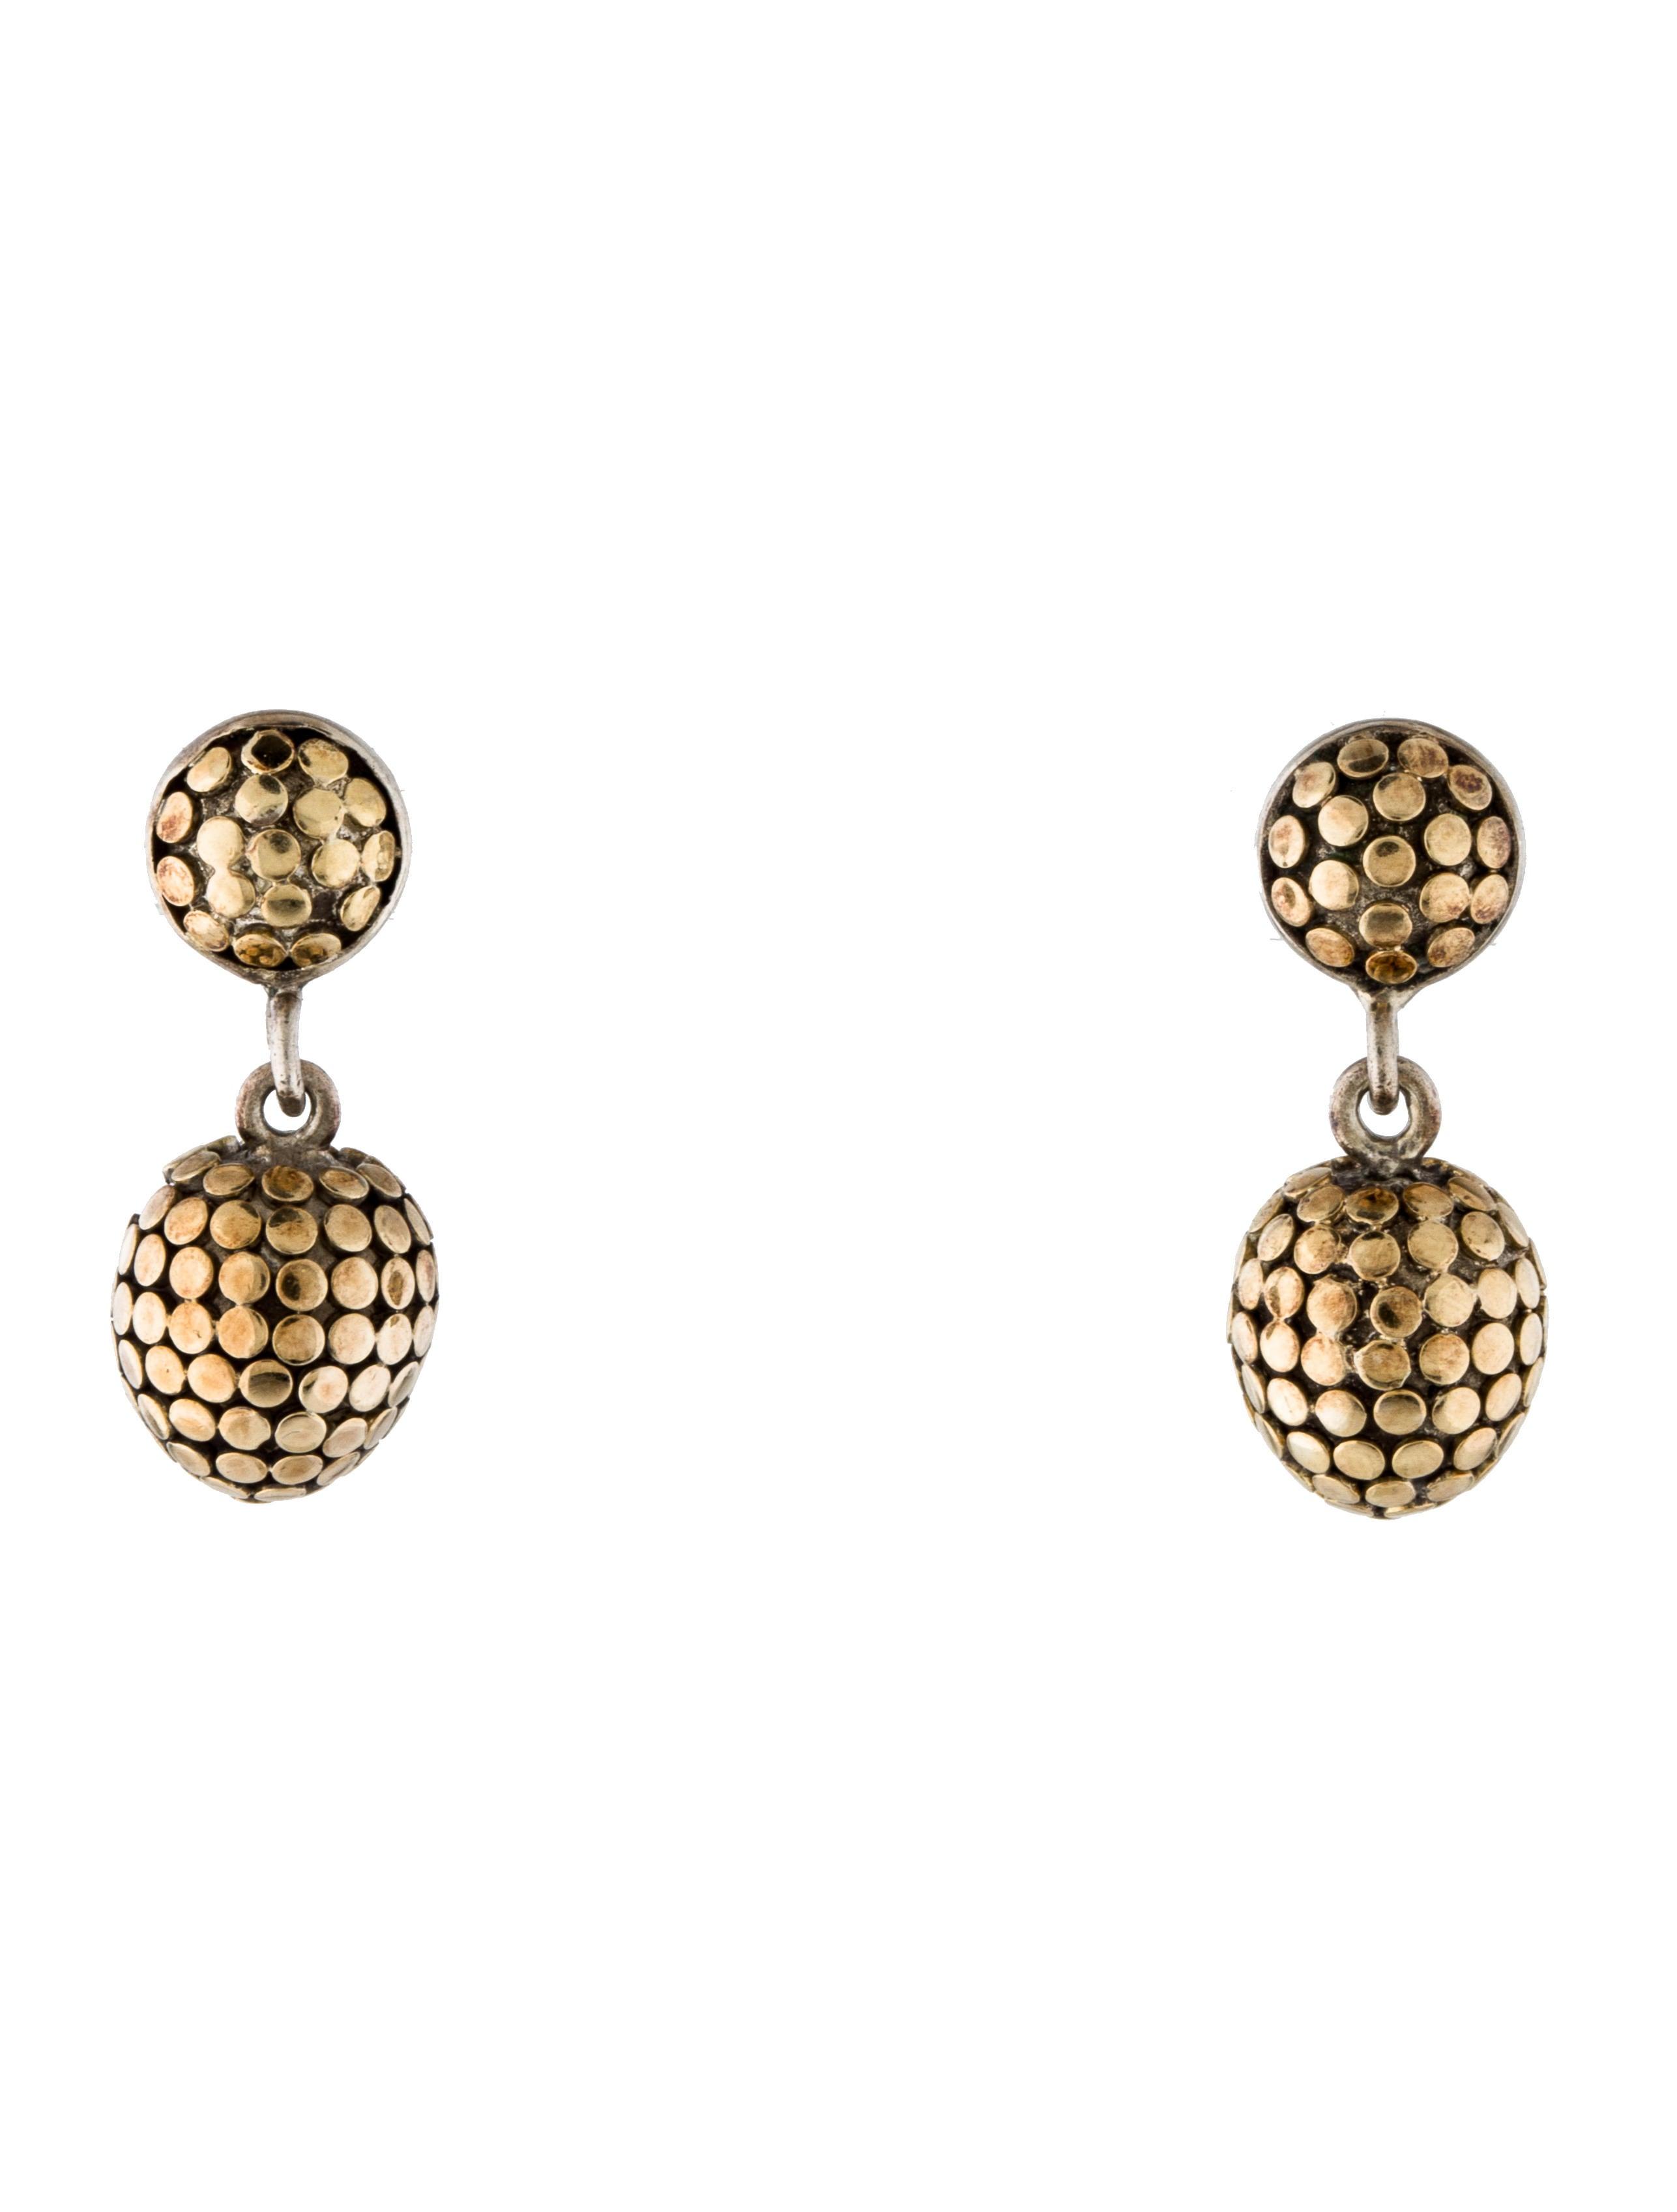 John hardy dot drop earrings earrings jha26940 the for John hardy jewelry earrings